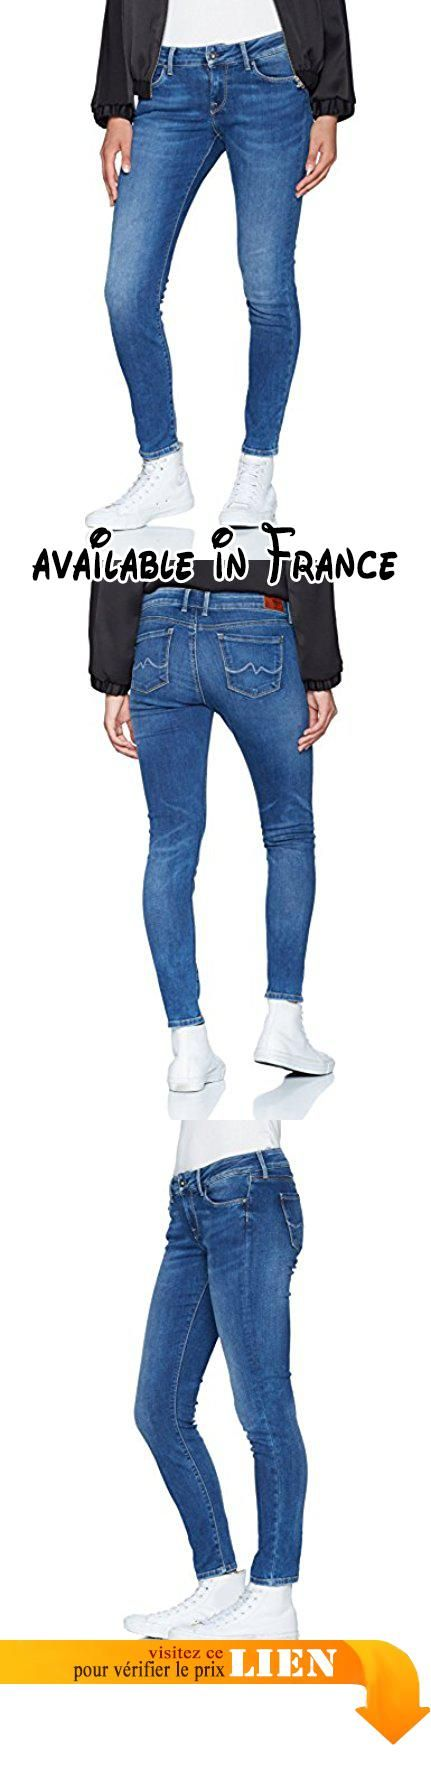 Pepe Jeans Soho, Jeans Femme, Bleu (Denim) W33/L28 (Taille fabricant: 33). 98% coton, 2% élasthanne. Lavage en machine 40° C. Fermeture : bouton #Apparel #PANTS